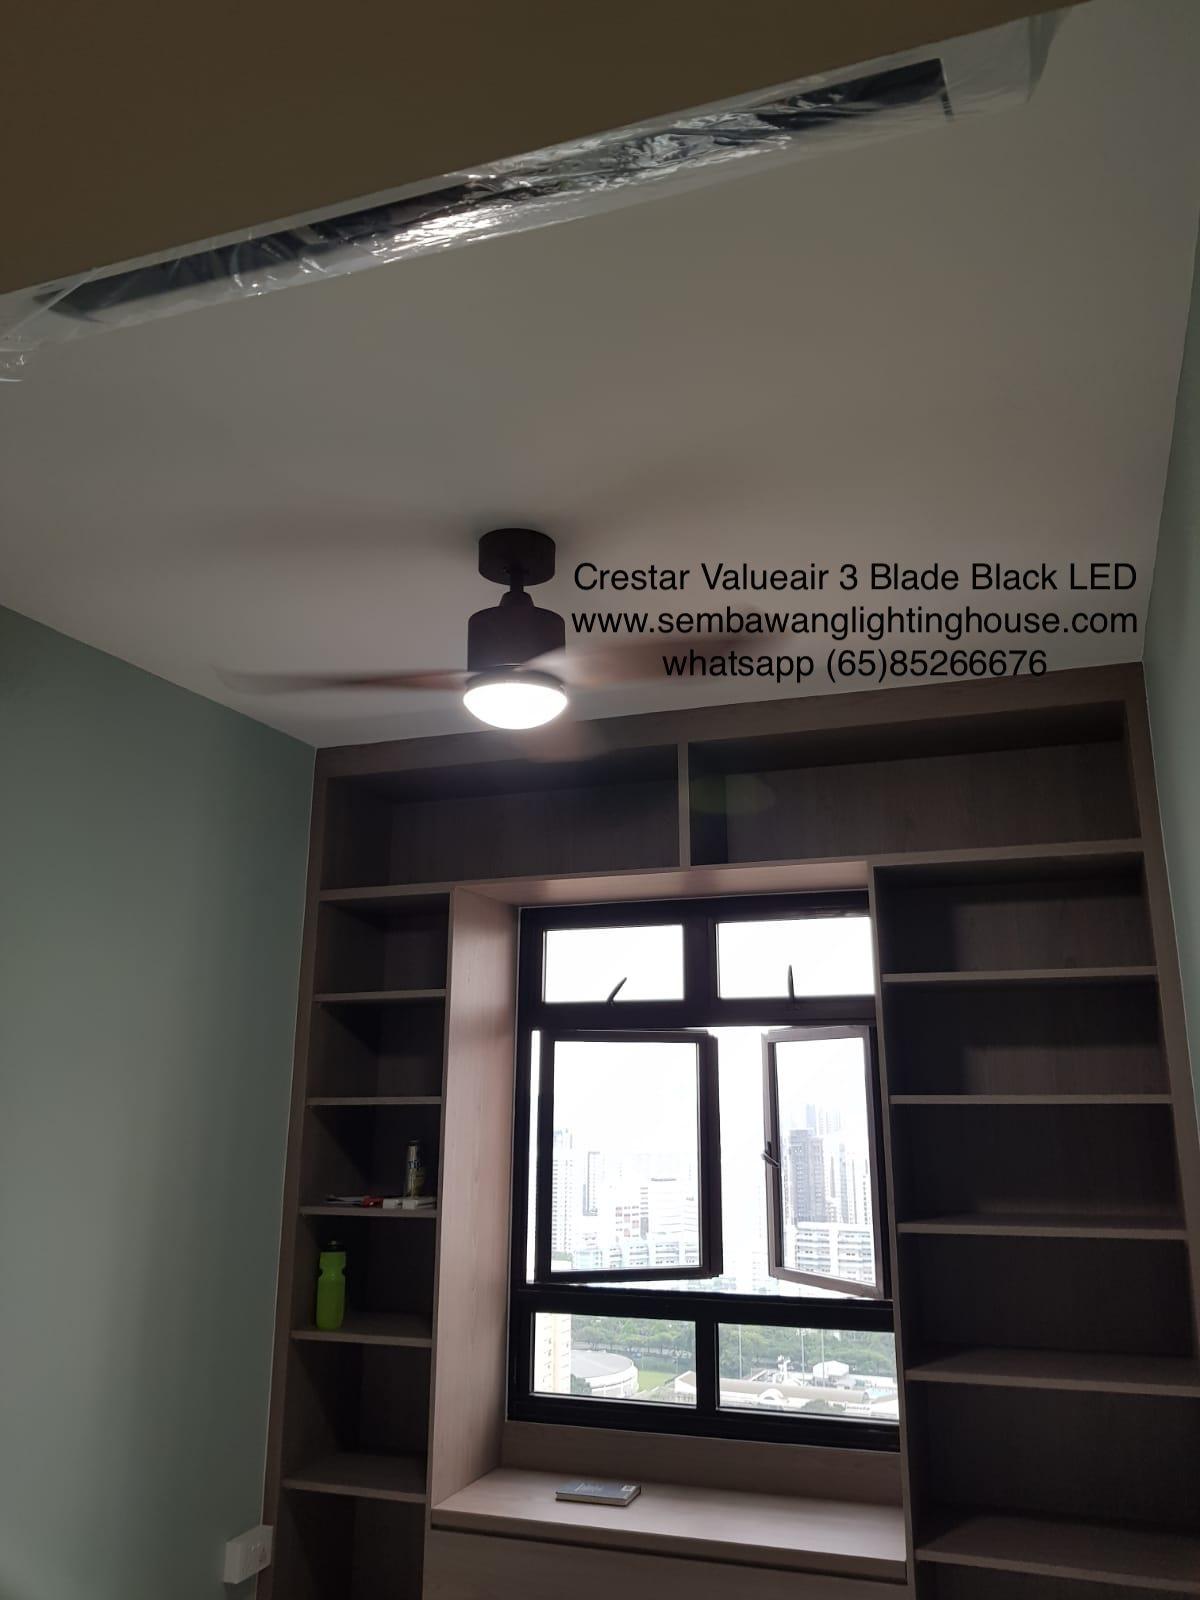 crestar-valueair-3-blade-black-ceiling-fan-sample in hdb bto bedroom